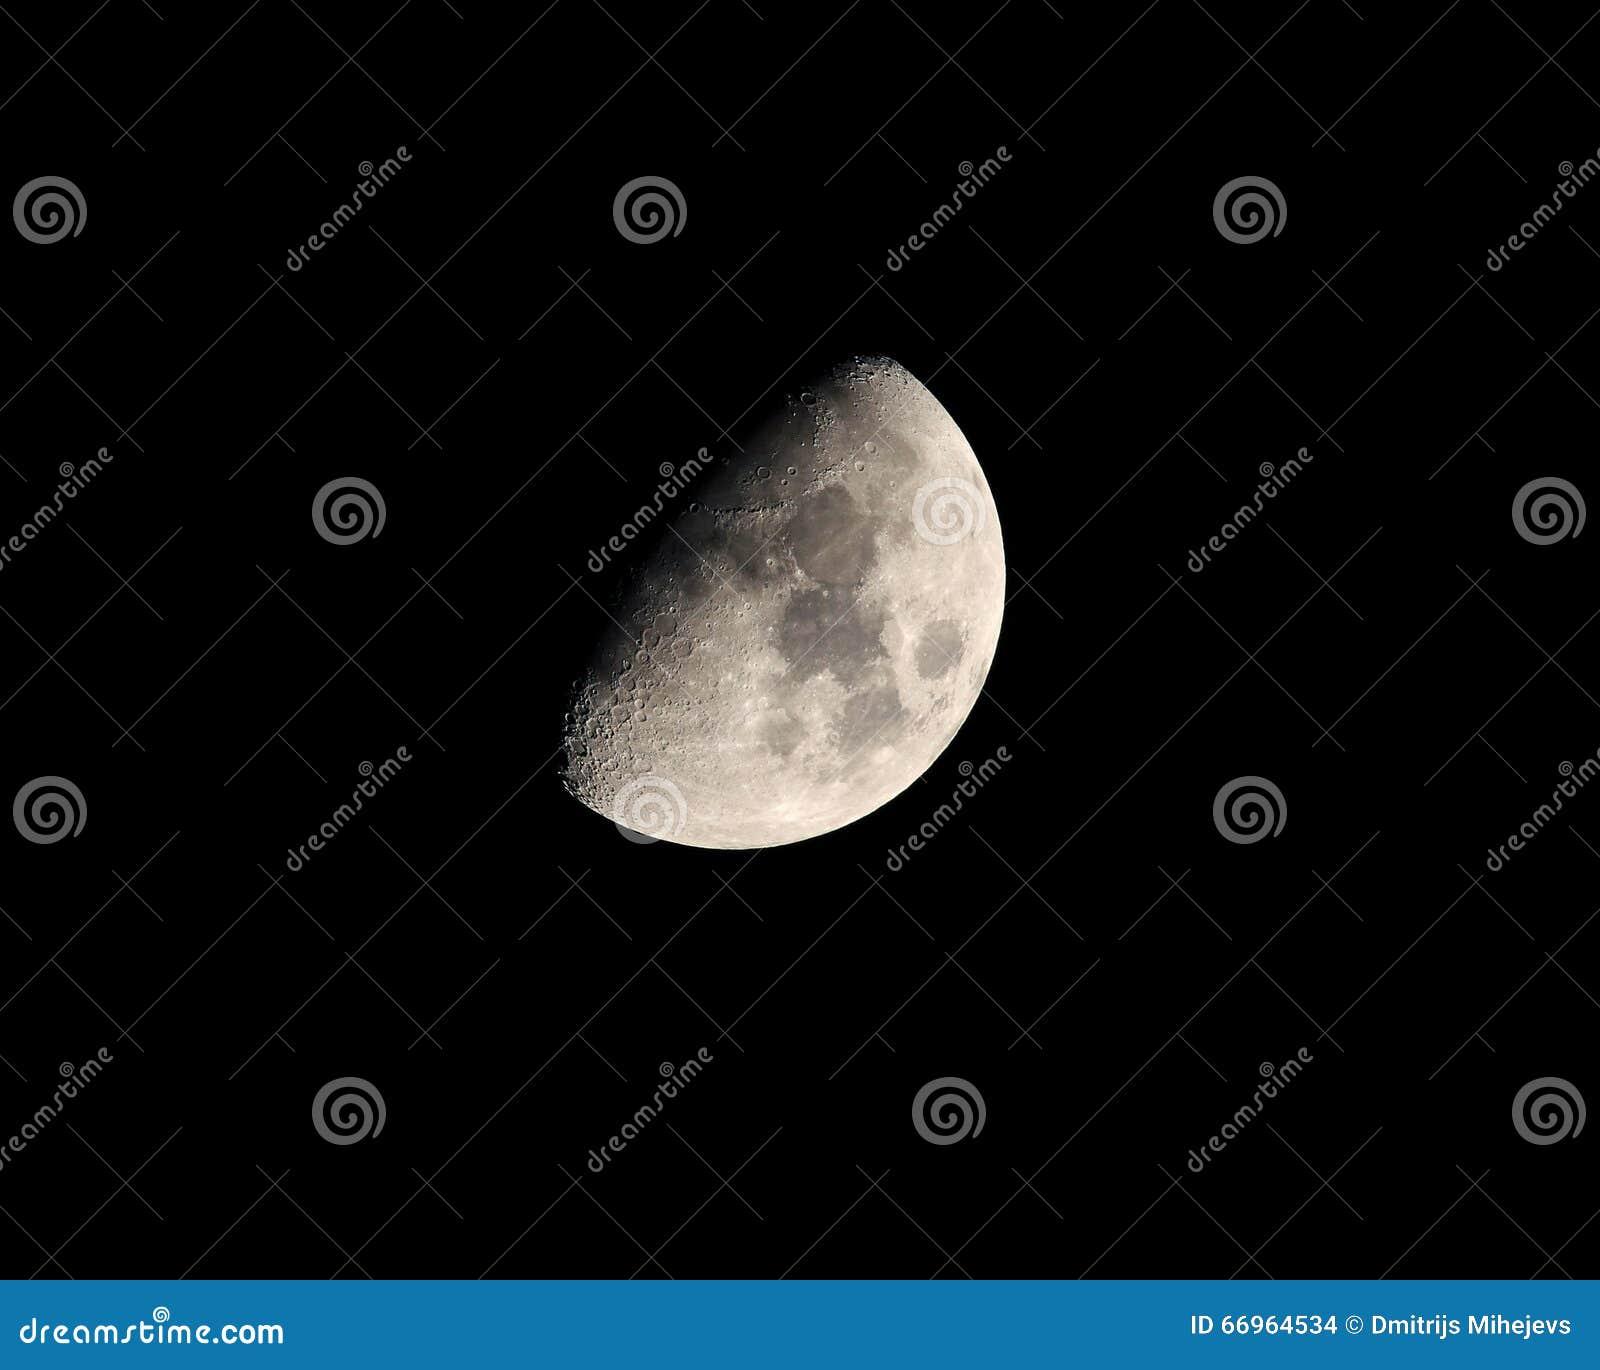 Tiro de luna de alta resolución